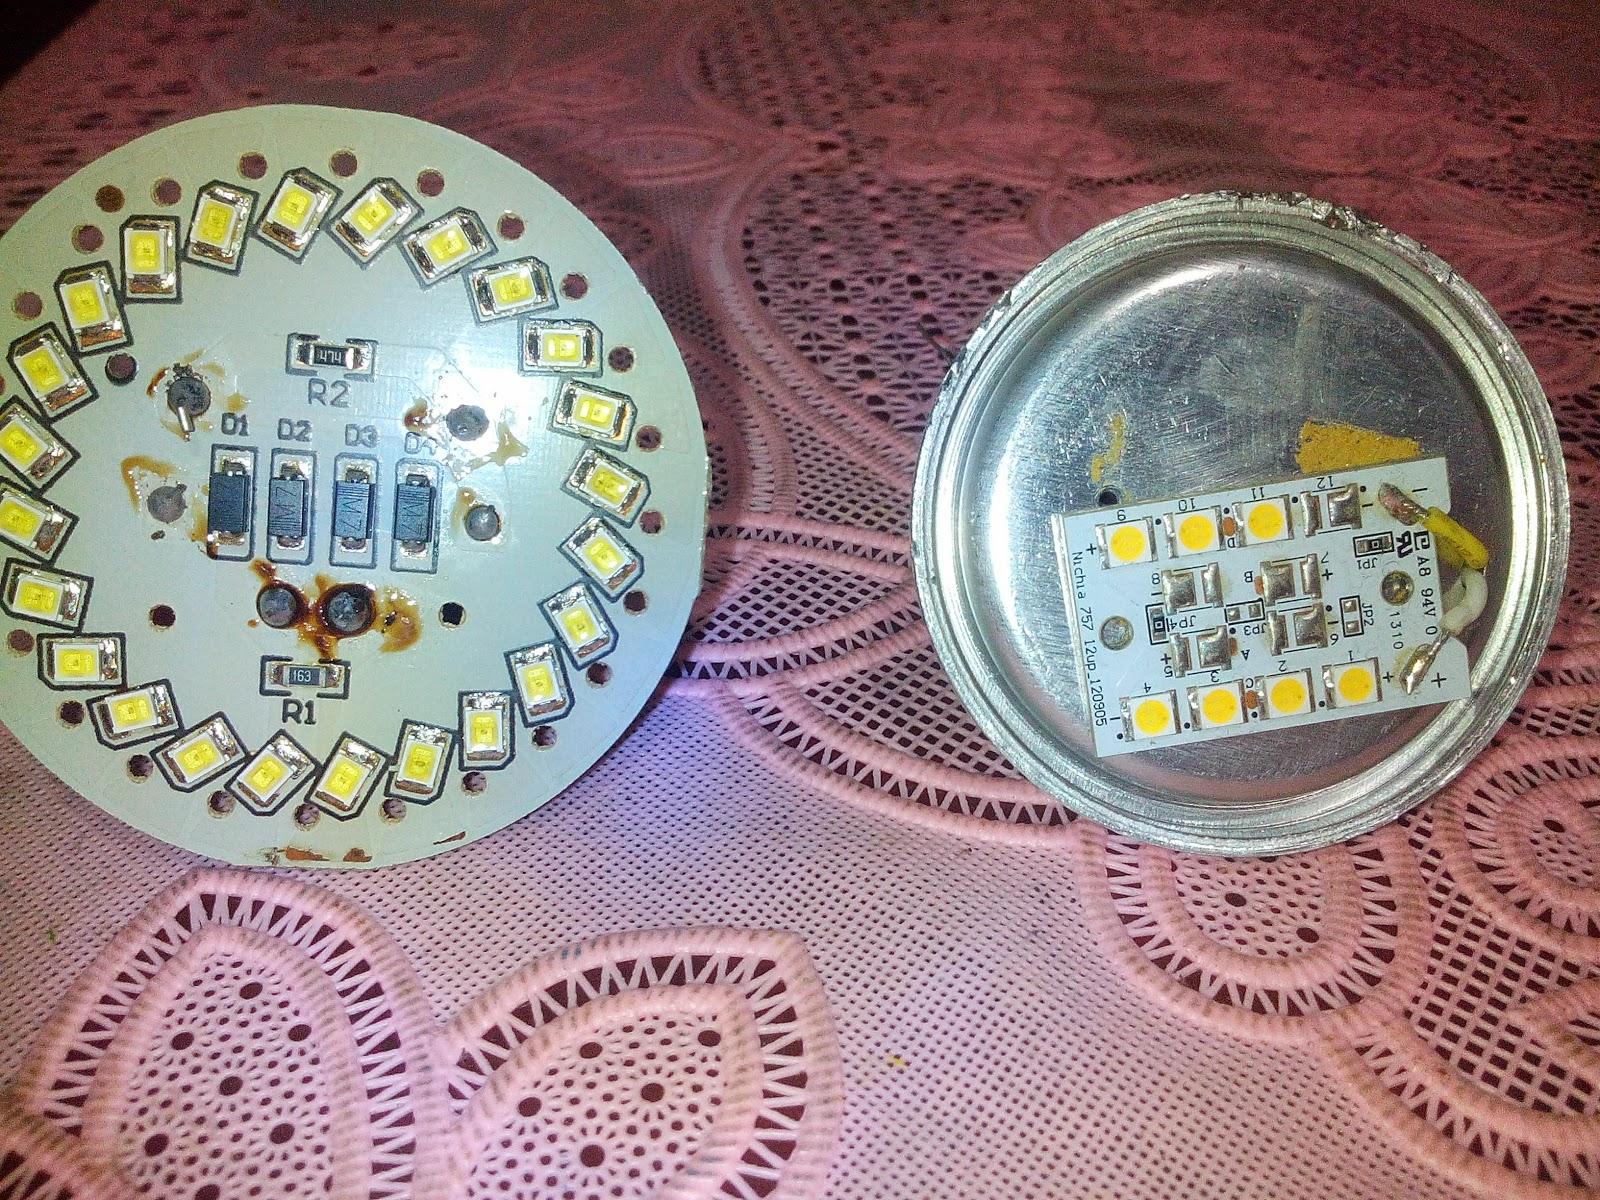 Toko Lampu Murah Pasuruan Wa 085856146721 Cara Servis Lampu Led